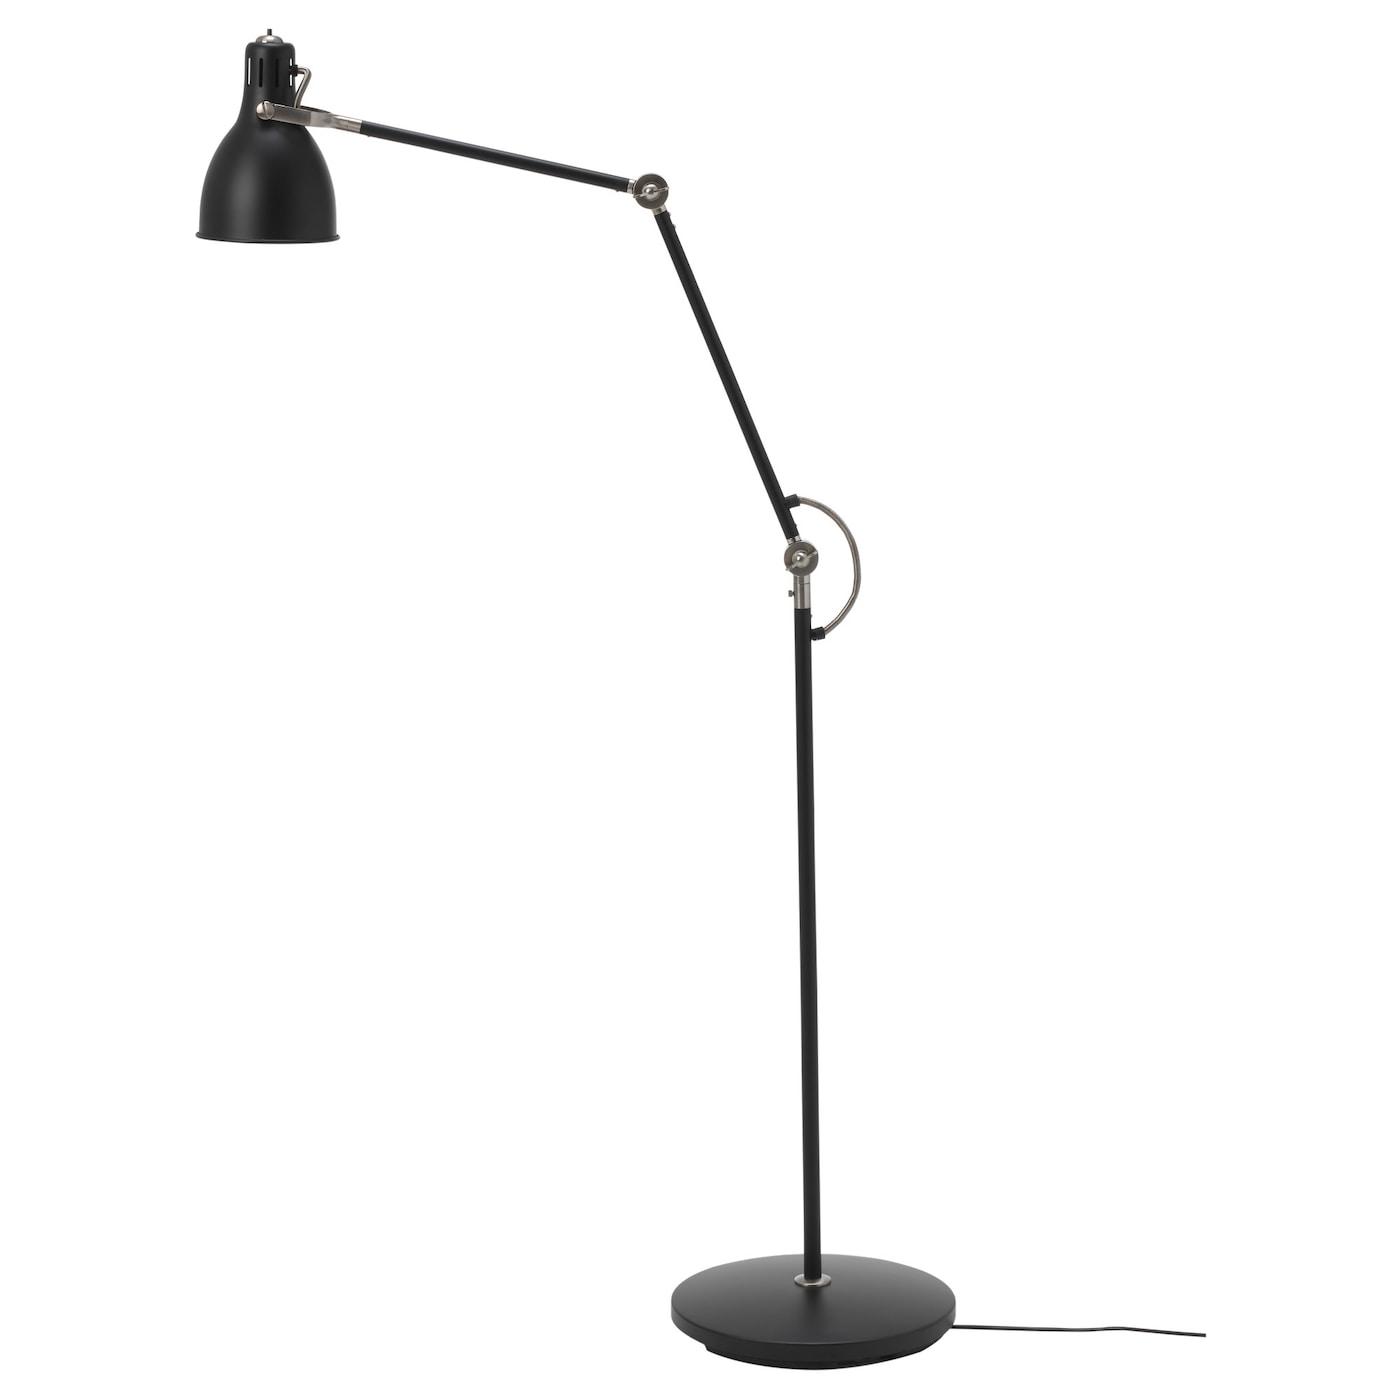 Full Size of Ikea Lampe Stehlampe Schirm Lampenschirm Moderne Stehlampen Wien Led Dimmen Lampen Dimmbar Betten Bei Modulküche Wohnzimmer Küche Kosten Sofa Mit Wohnzimmer Stehlampen Ikea